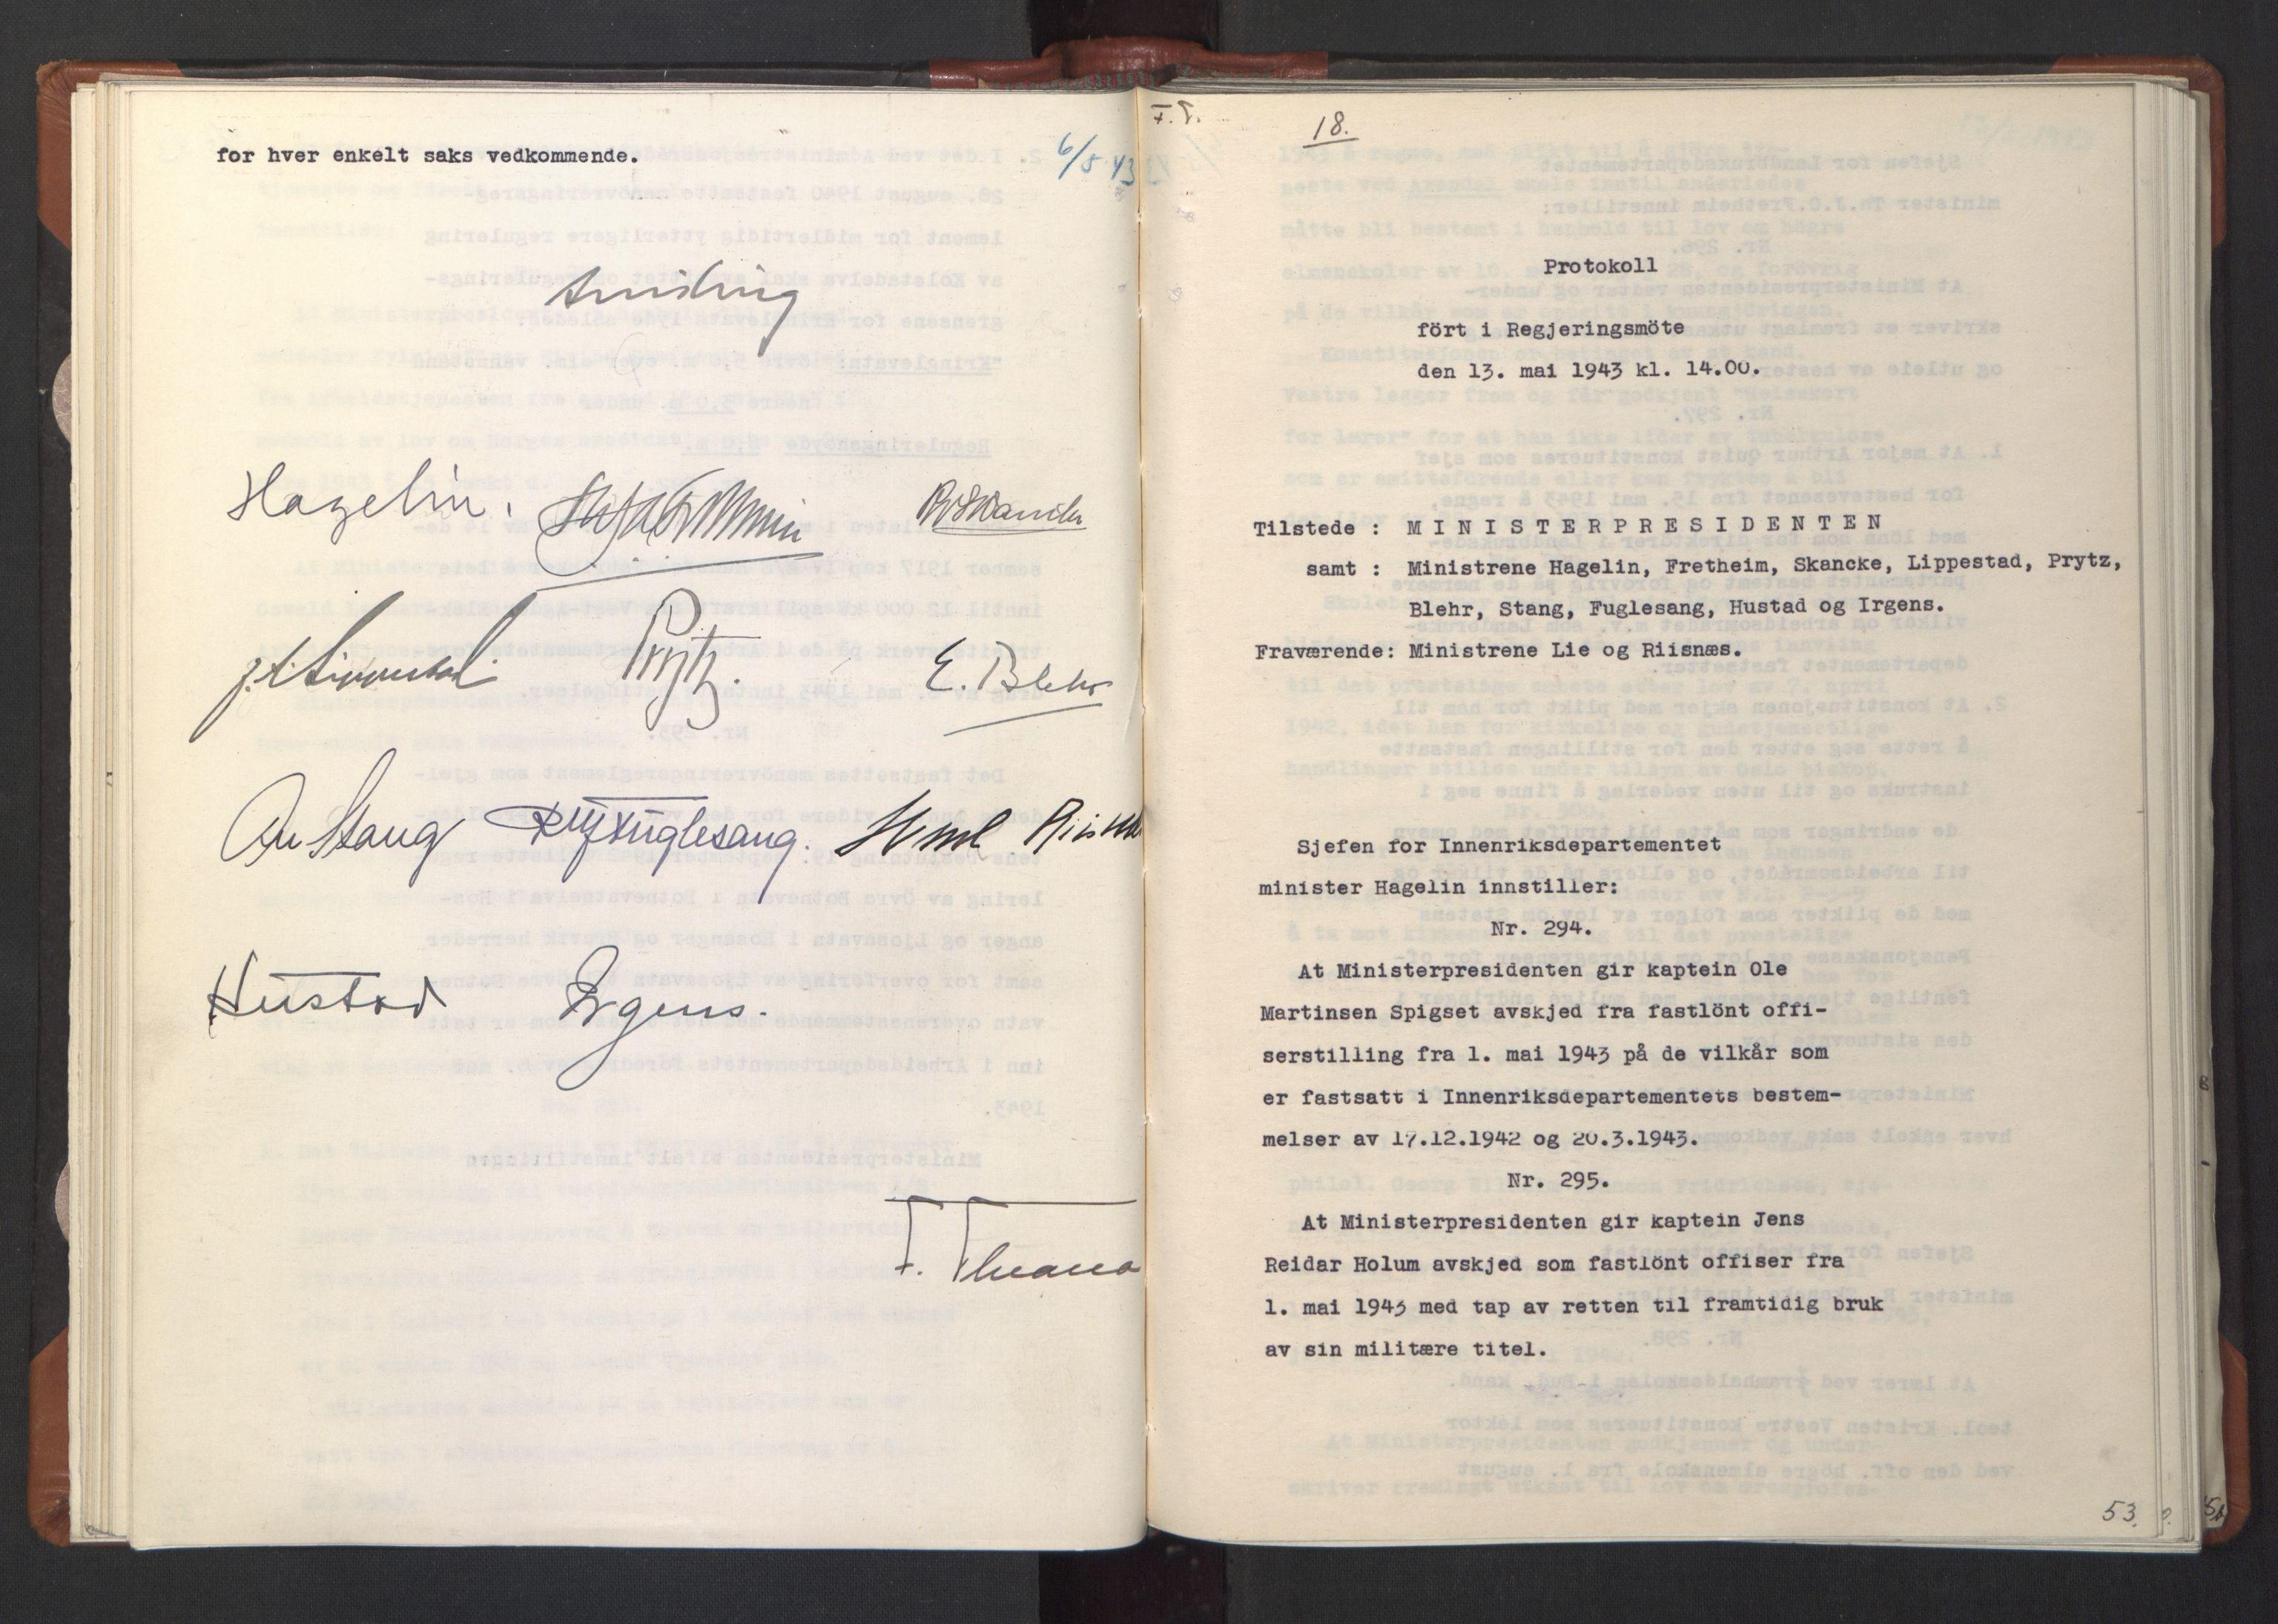 RA, NS-administrasjonen 1940-1945 (Statsrådsekretariatet, de kommisariske statsråder mm), D/Da/L0003: Vedtak (Beslutninger) nr. 1-746 og tillegg nr. 1-47 (RA. j.nr. 1394/1944, tilgangsnr. 8/1944, 1943, s. 52b-53a